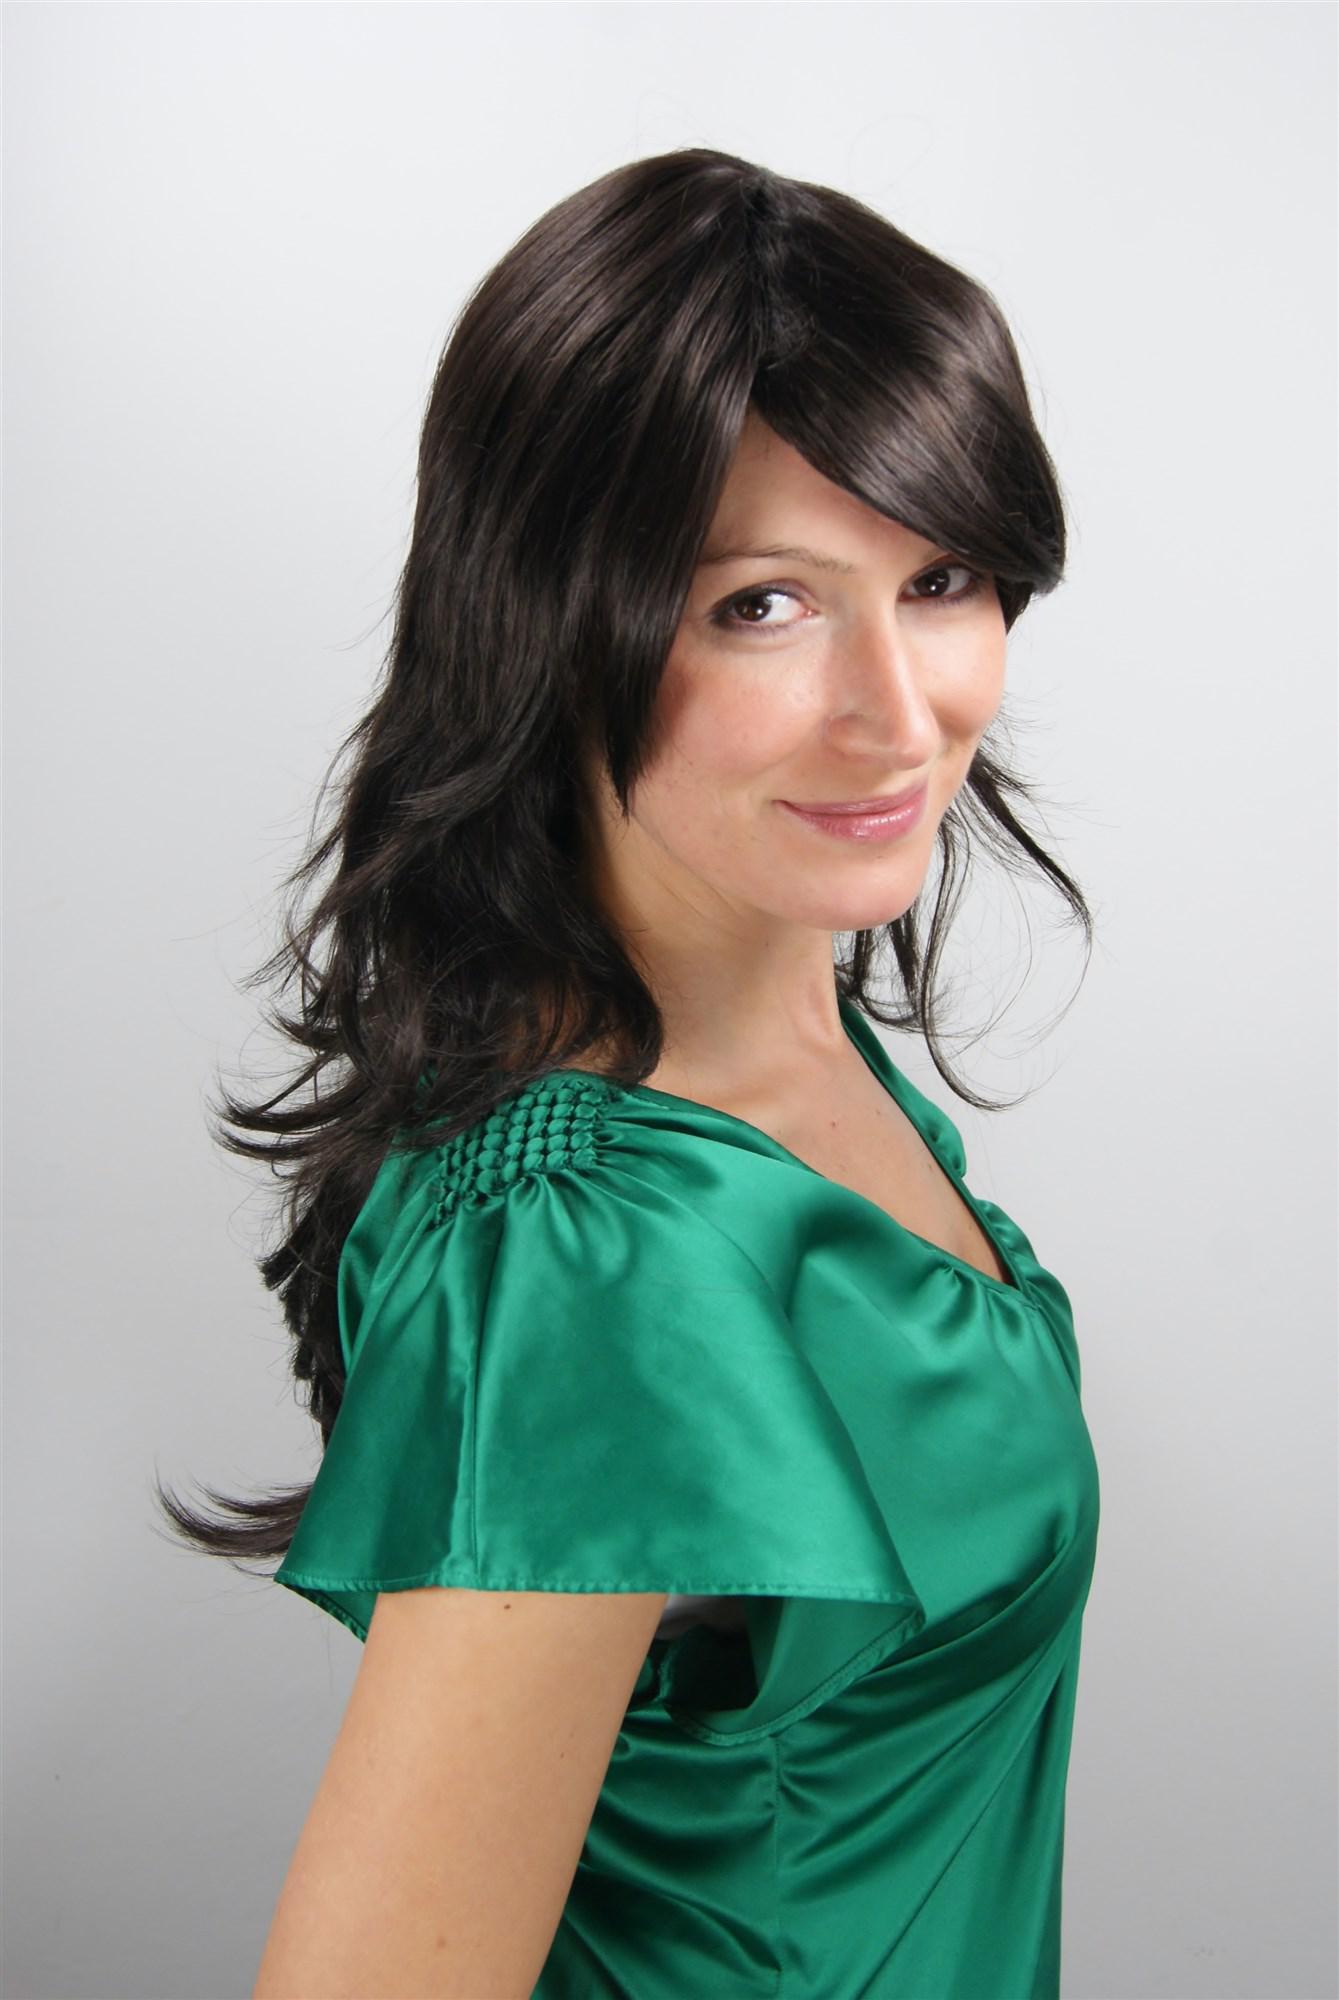 Damen Wig Schokoladenbraun Perücke Wellen gestuft Frisur